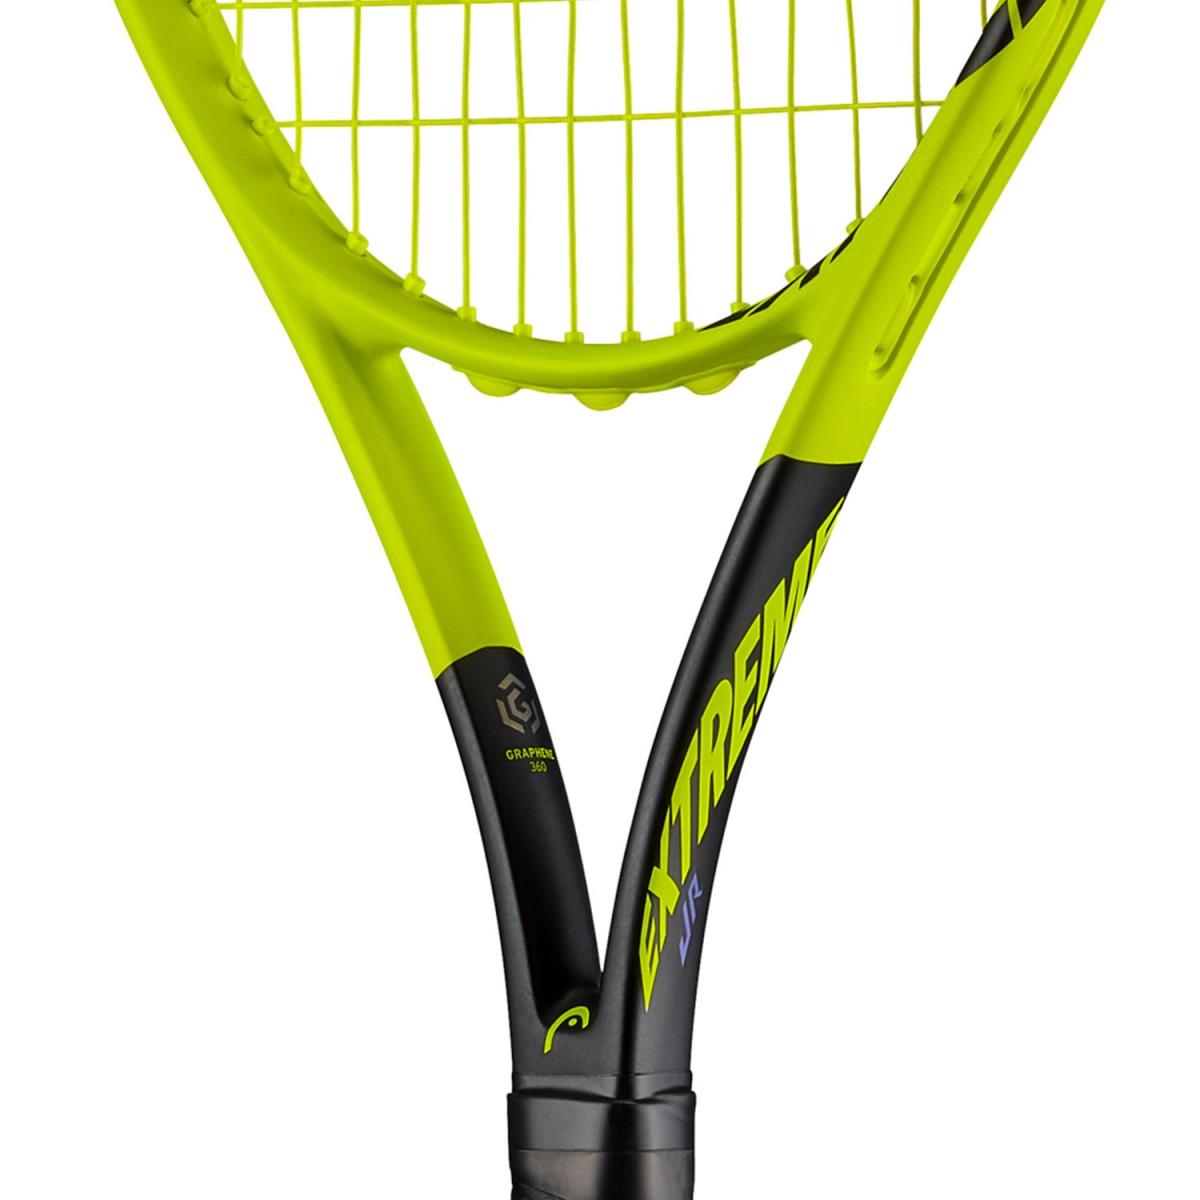 Теннисная ракетка детская Head Graphene 360 Extreme Jr. (26